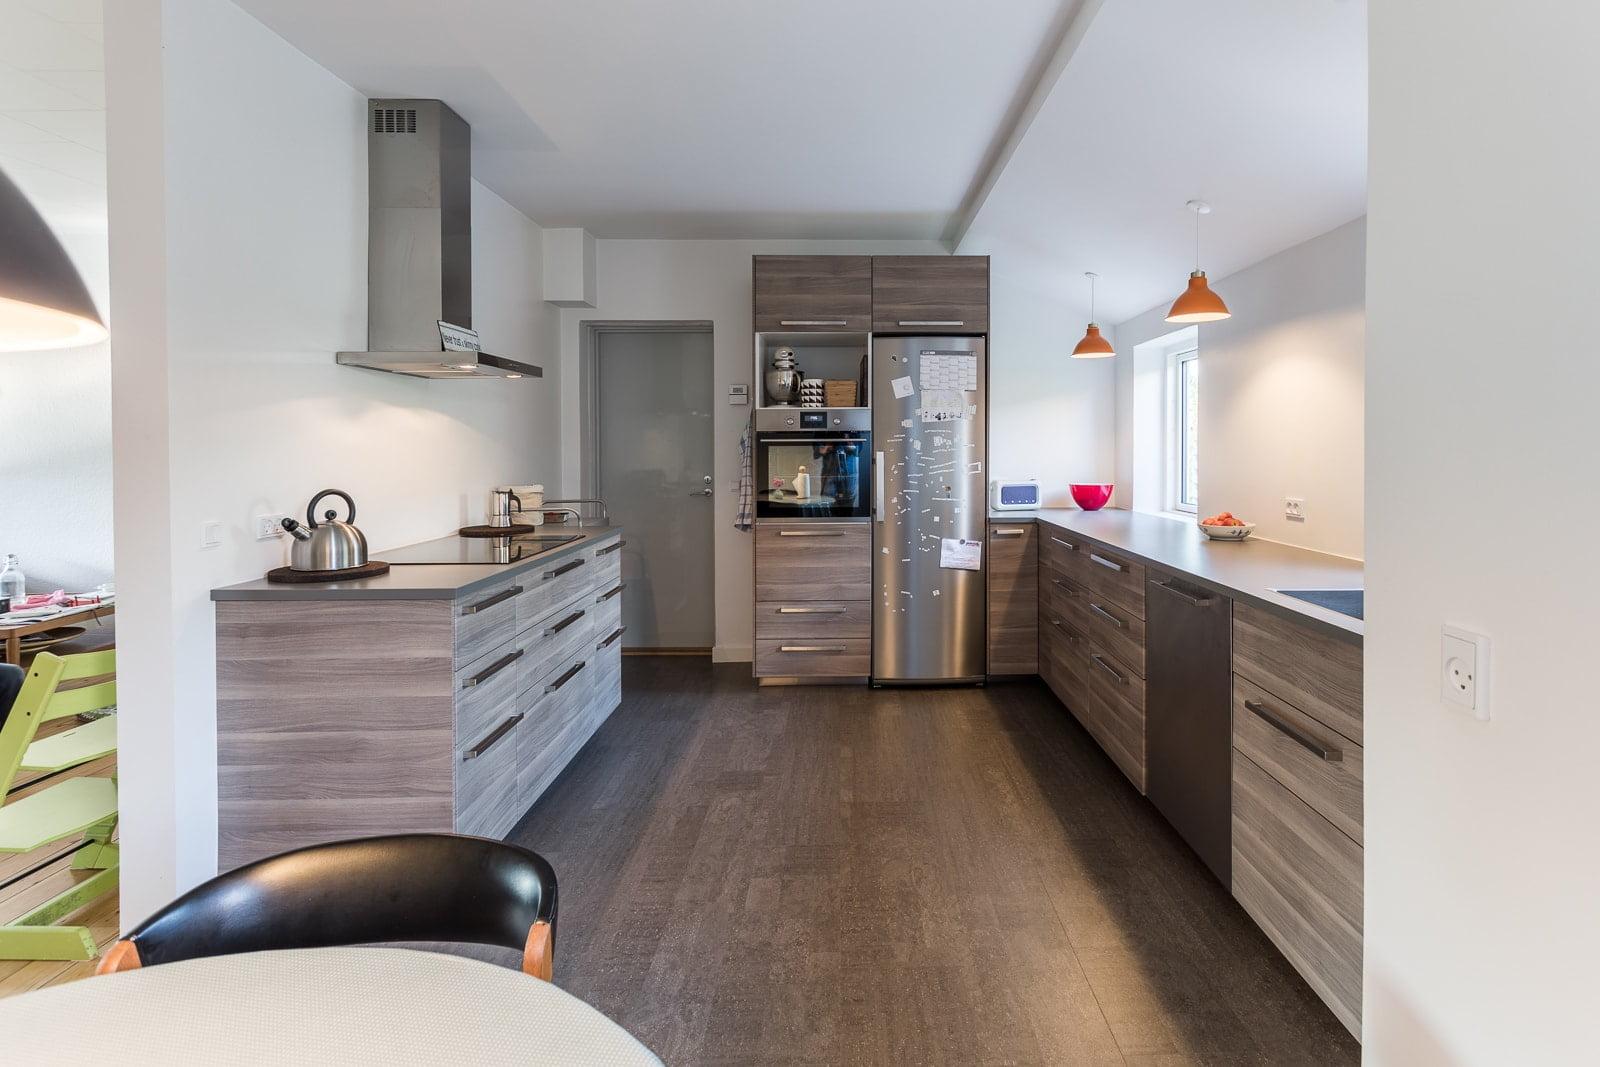 Nyt køkken med masser af plads